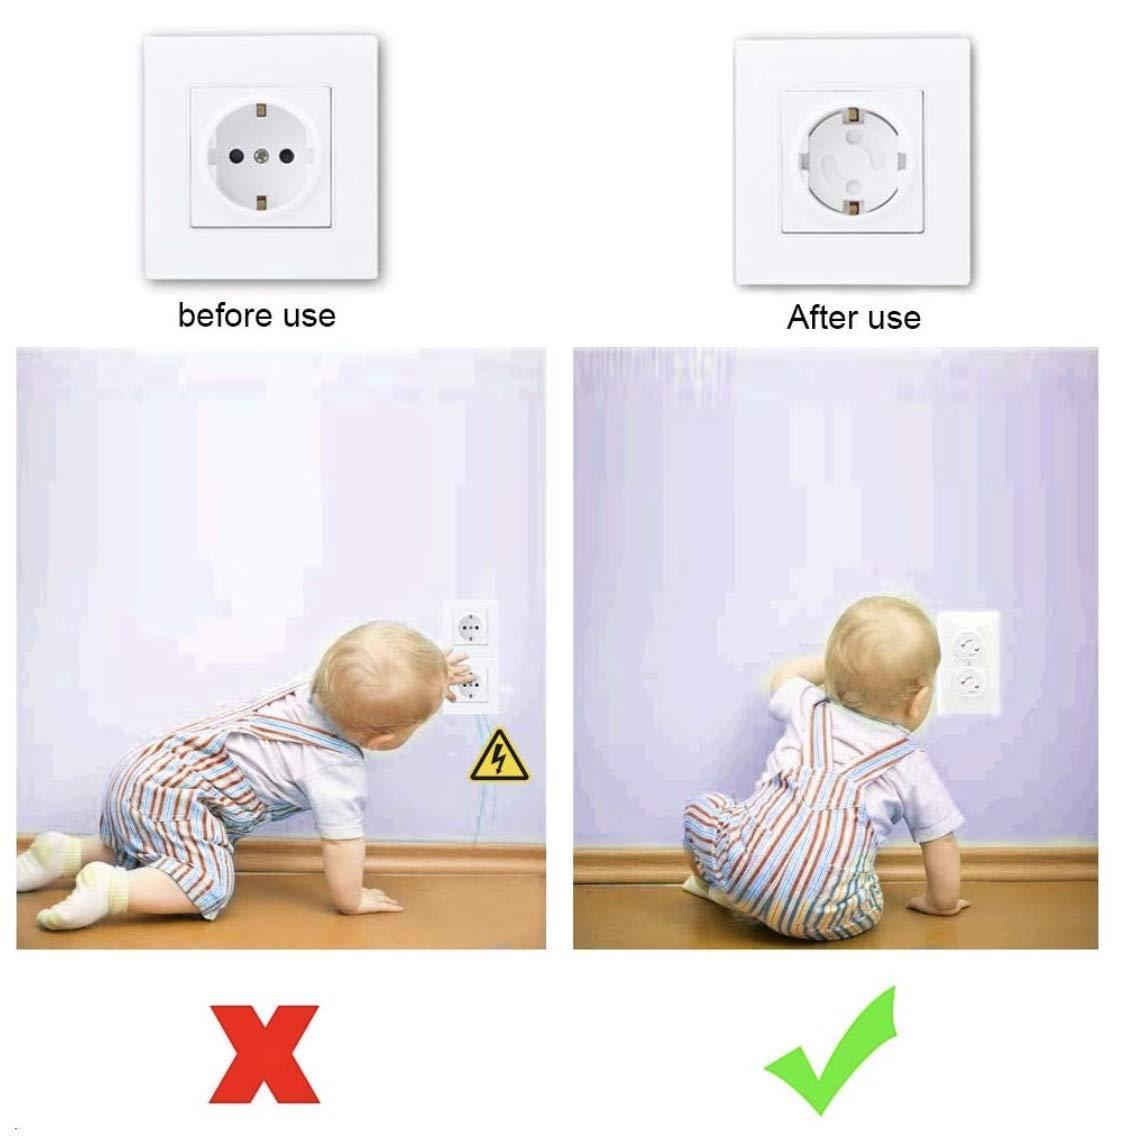 Protector Enchufes Seguridad Infantil Con Mecanismo De Giro Y Adhesivo 3M Ideal Para Bebes Ni/ños Y Peque/ños En El Hogar Schuko Europeo 20 Tapas Color Blanco